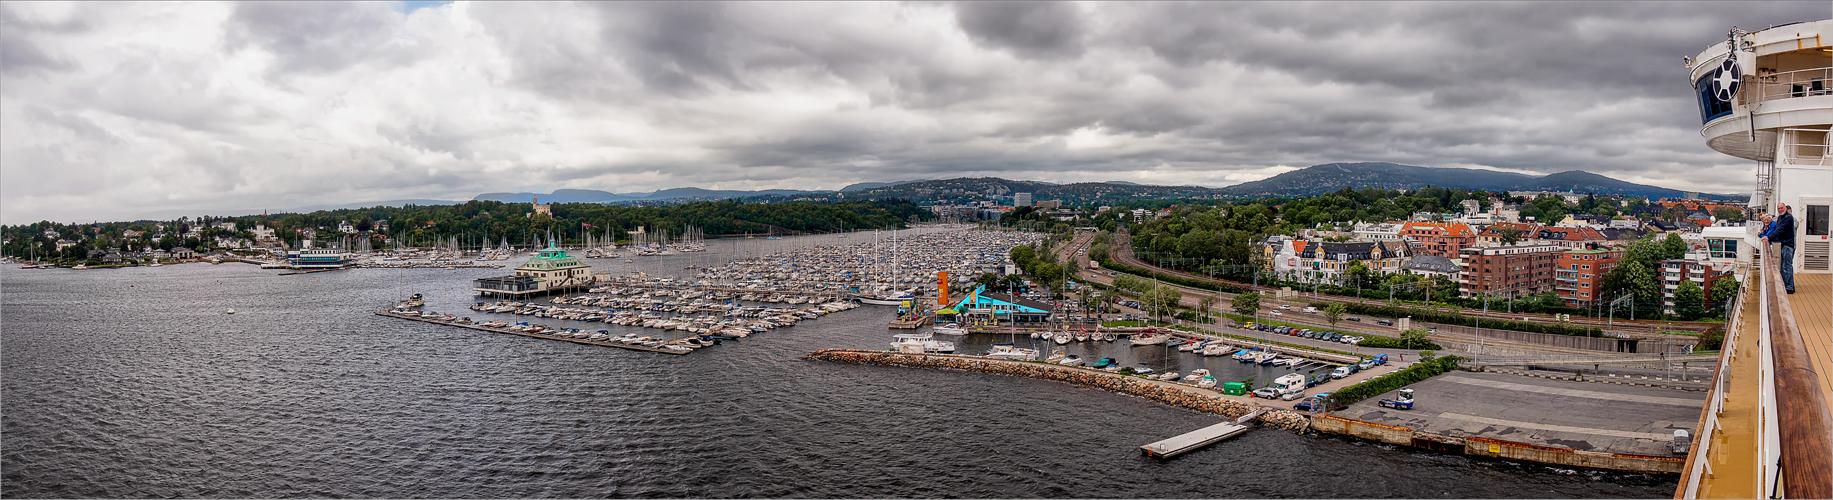 Yachthafen Oslo